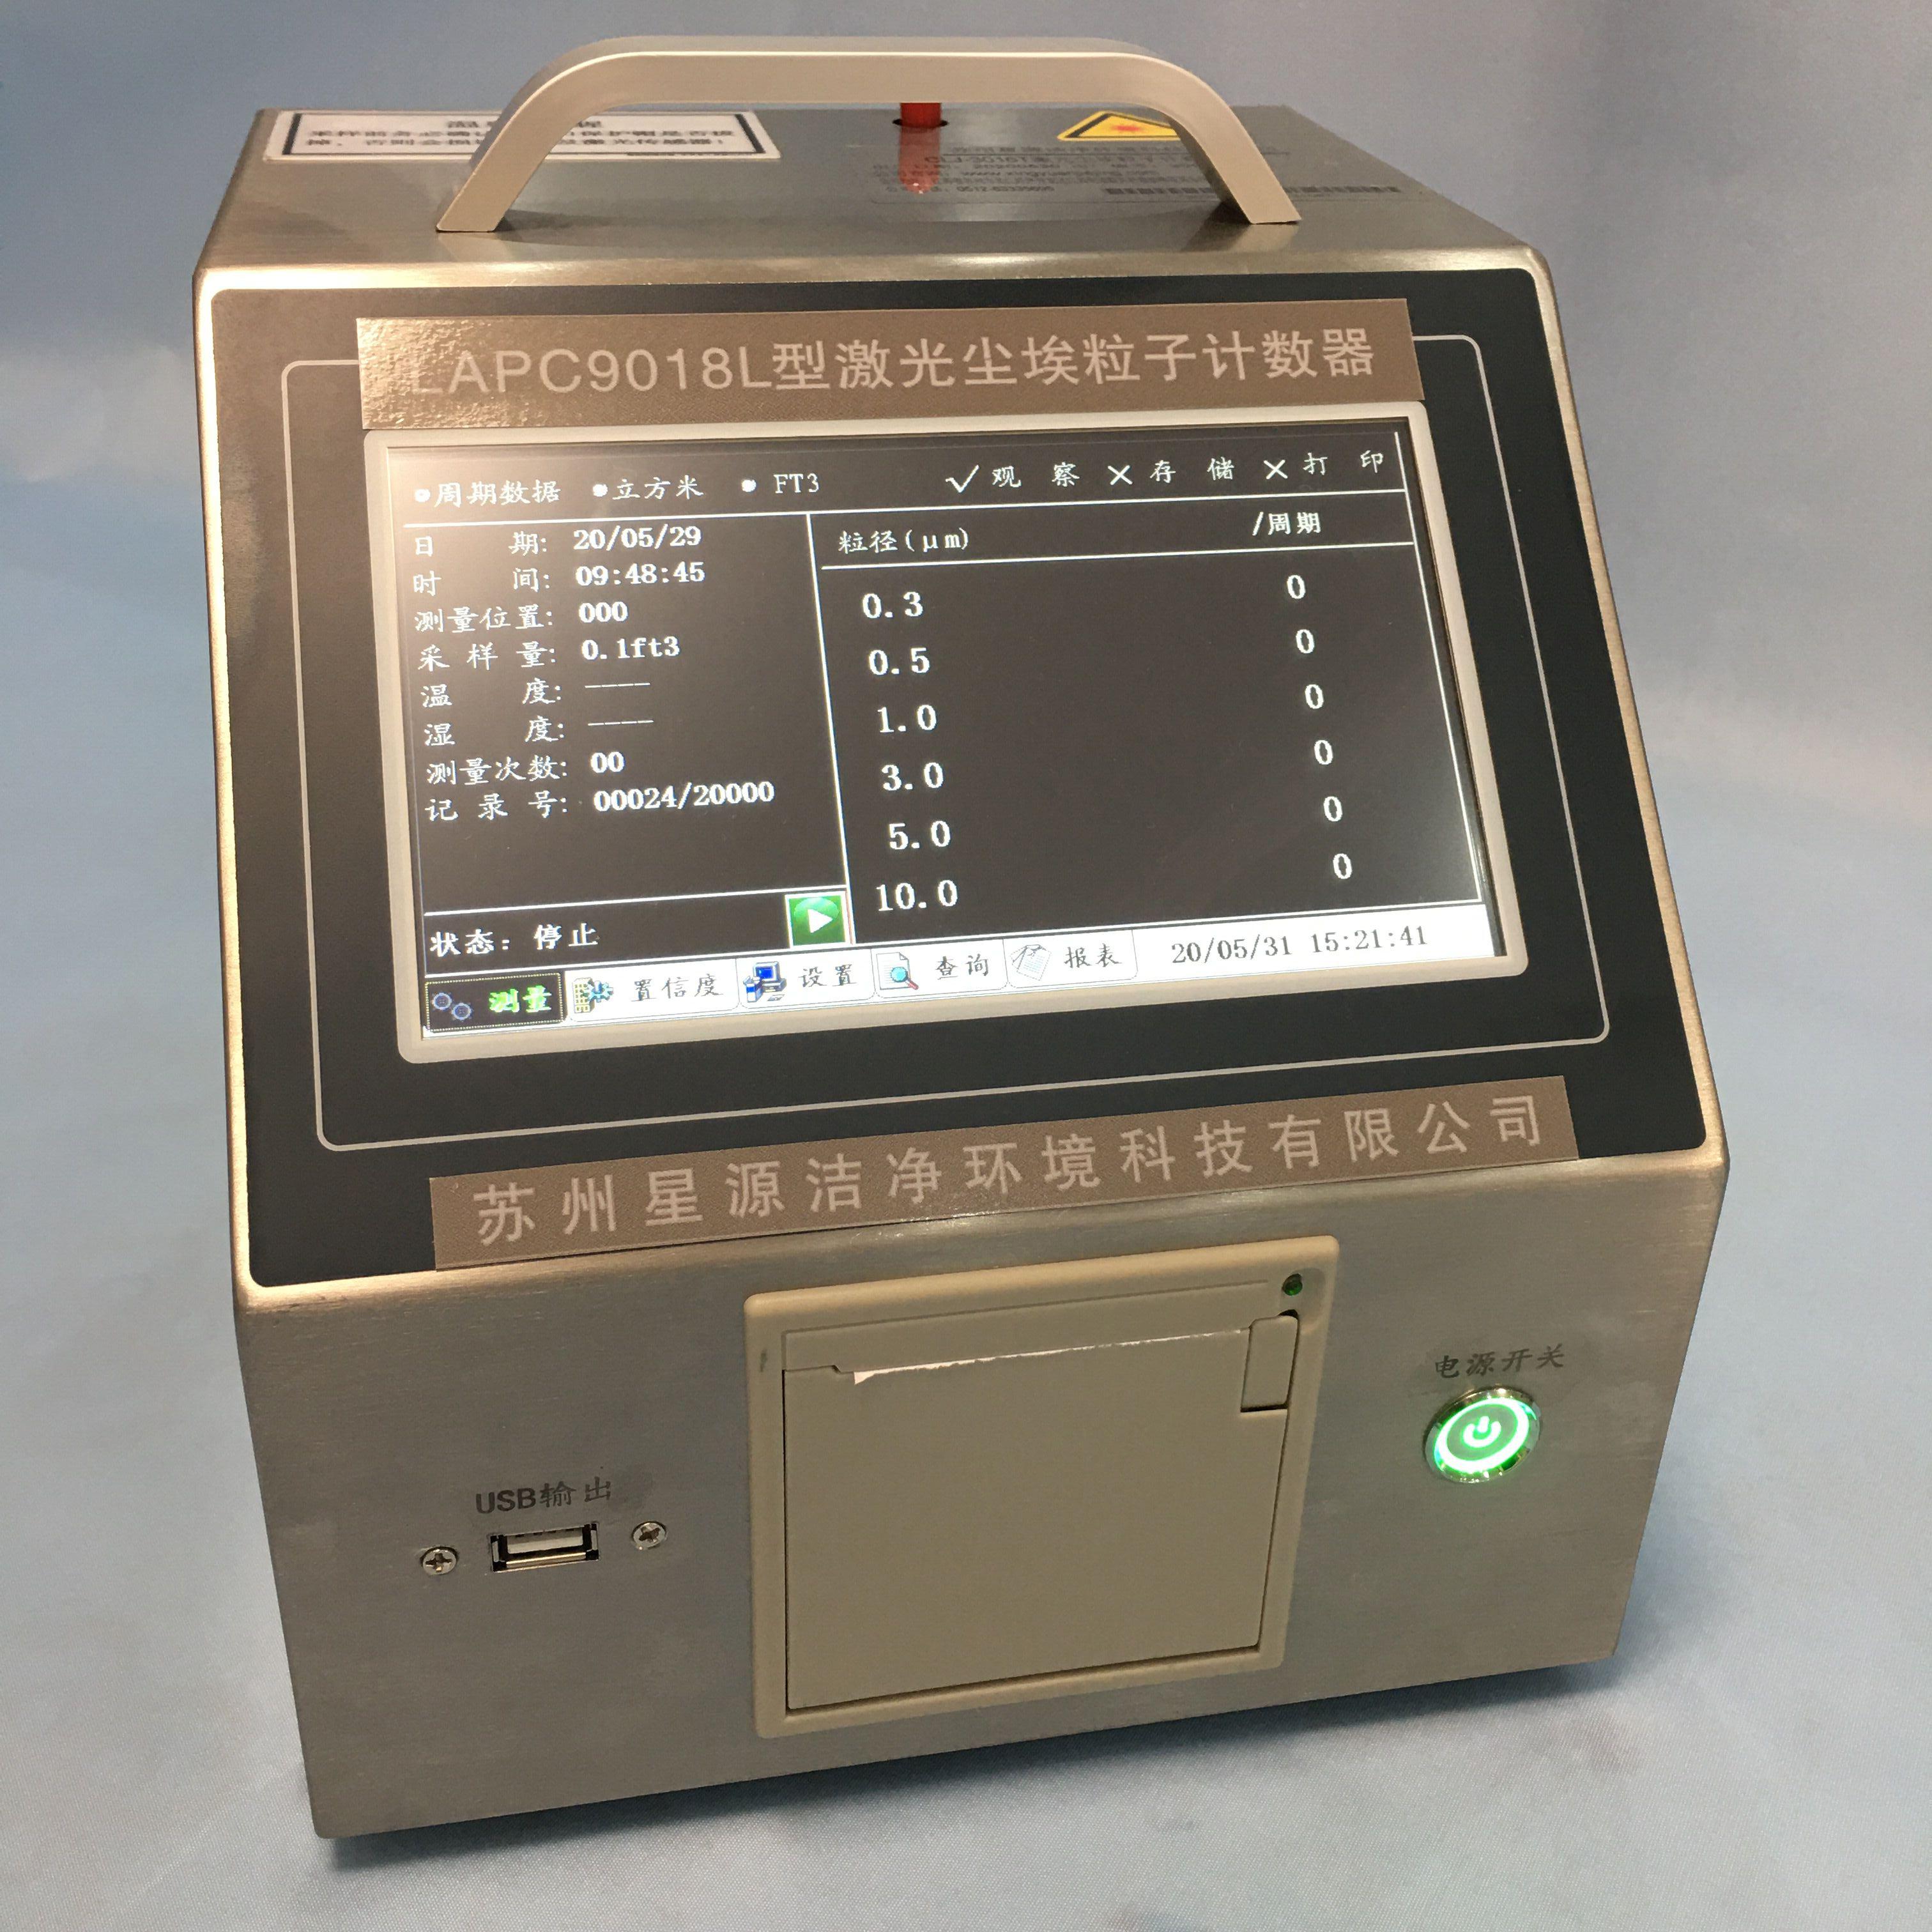 苏州星源洁净尘埃粒子计数器等洁净室检测产品成功入驻索尔思光电有限公司